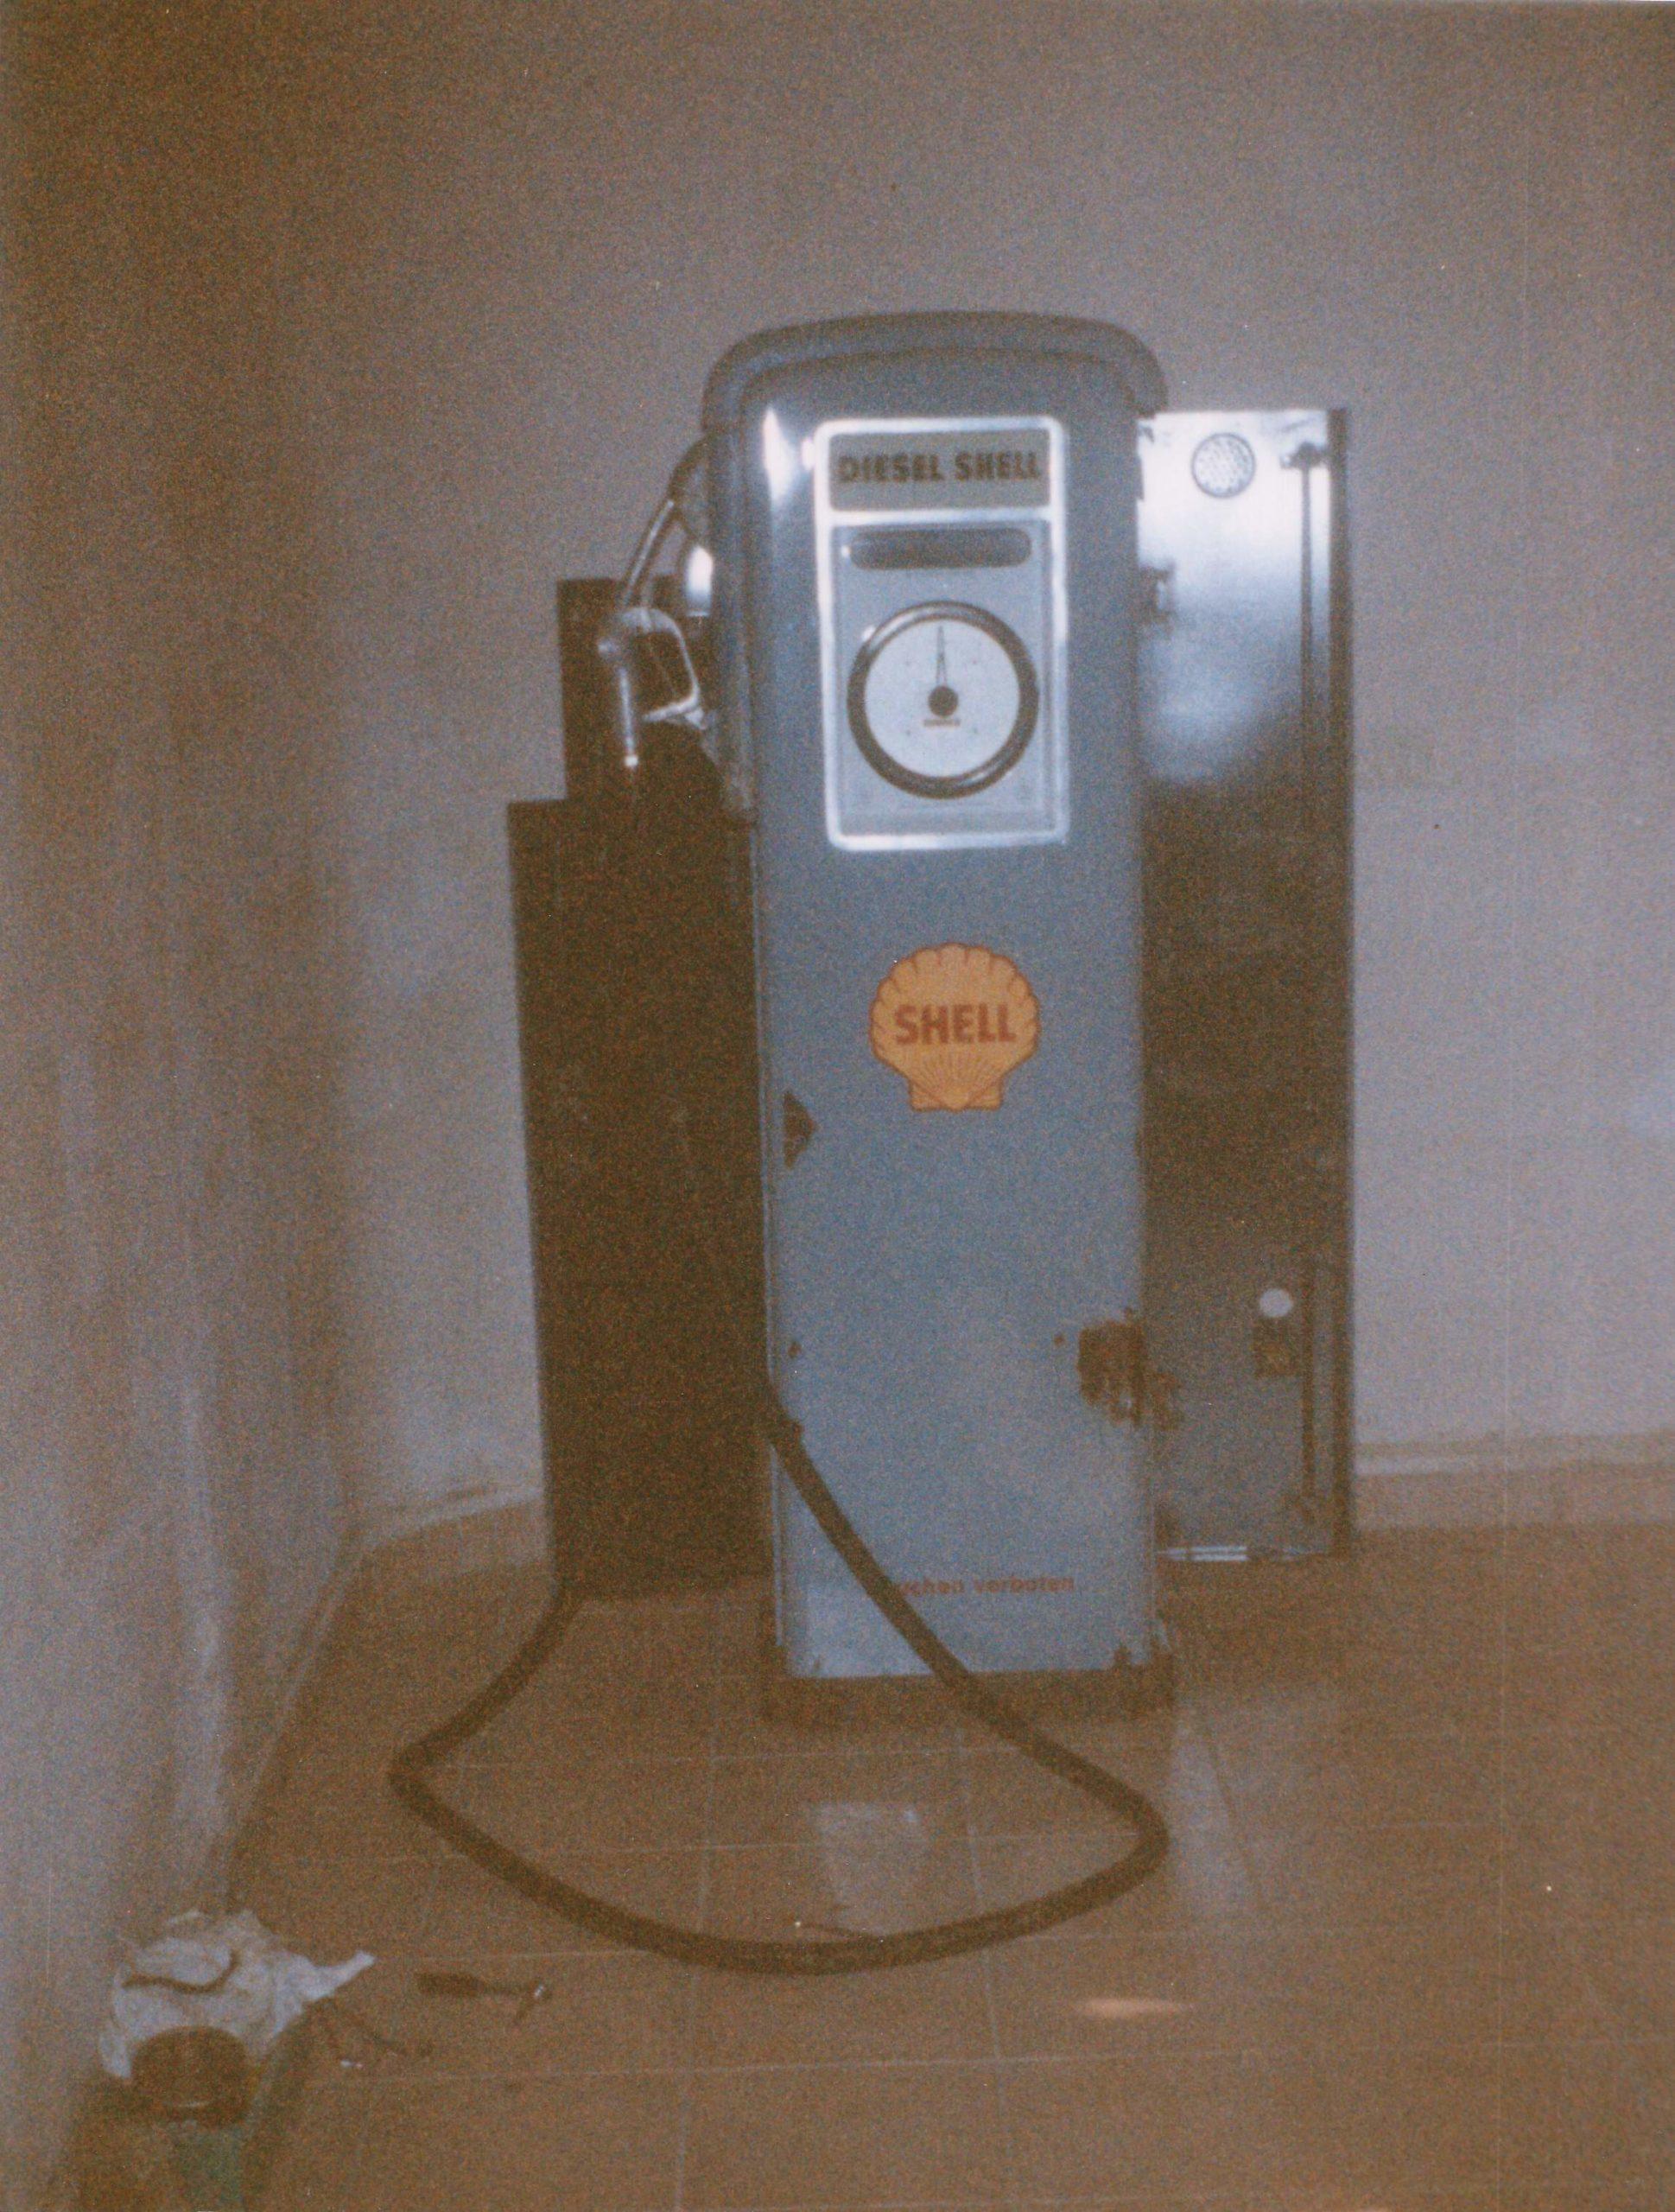 eine alte Shell Tanksäule